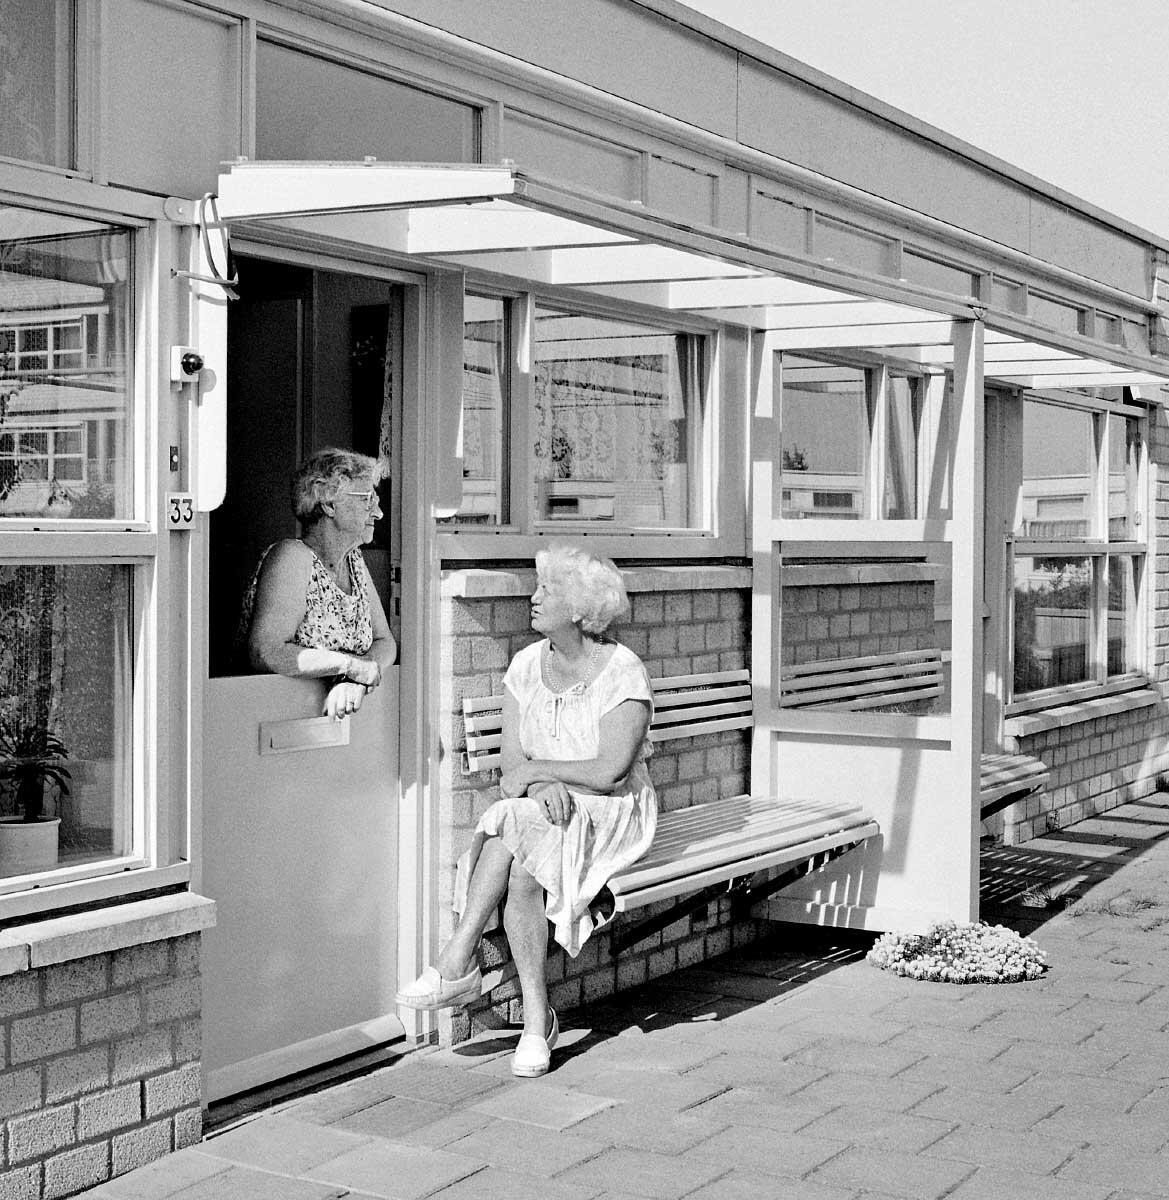 In Gemeinschaft alt werden. Herman Hertzberger, Alterswohnen De Overloop, Almere Haven NL 1984  Bild: Klaus Kinold